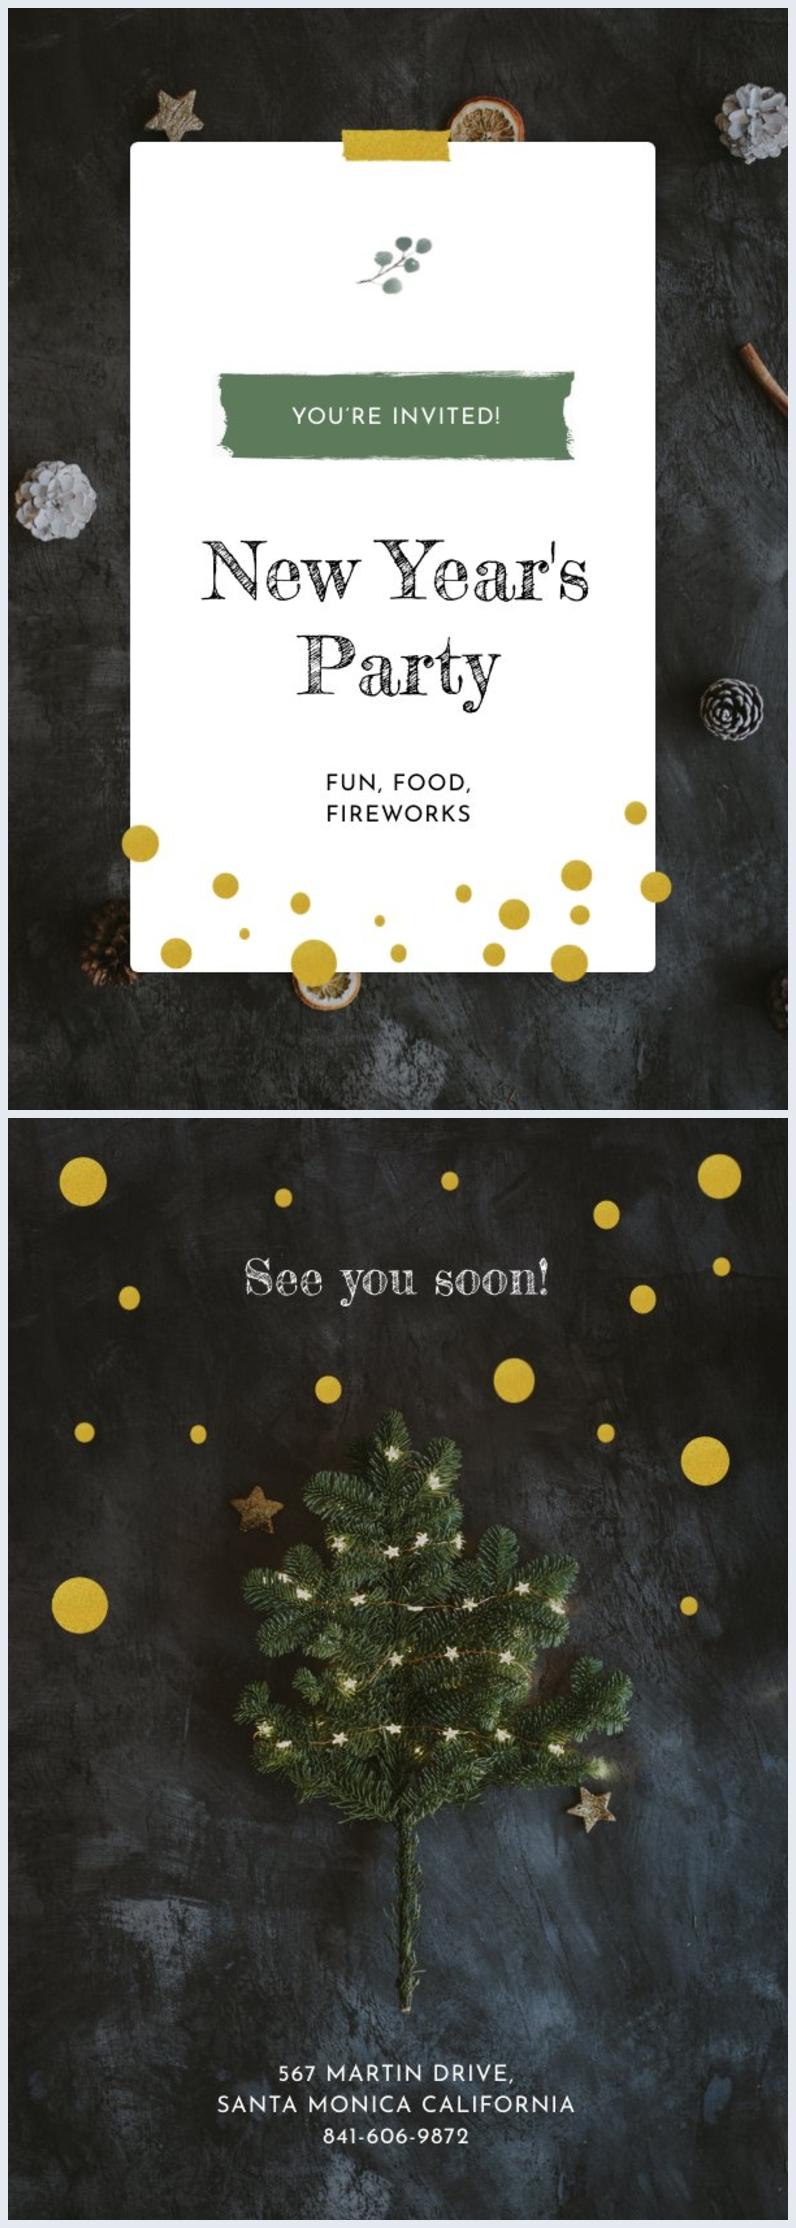 Plantilla para tarjeta invitación de Año nuevo